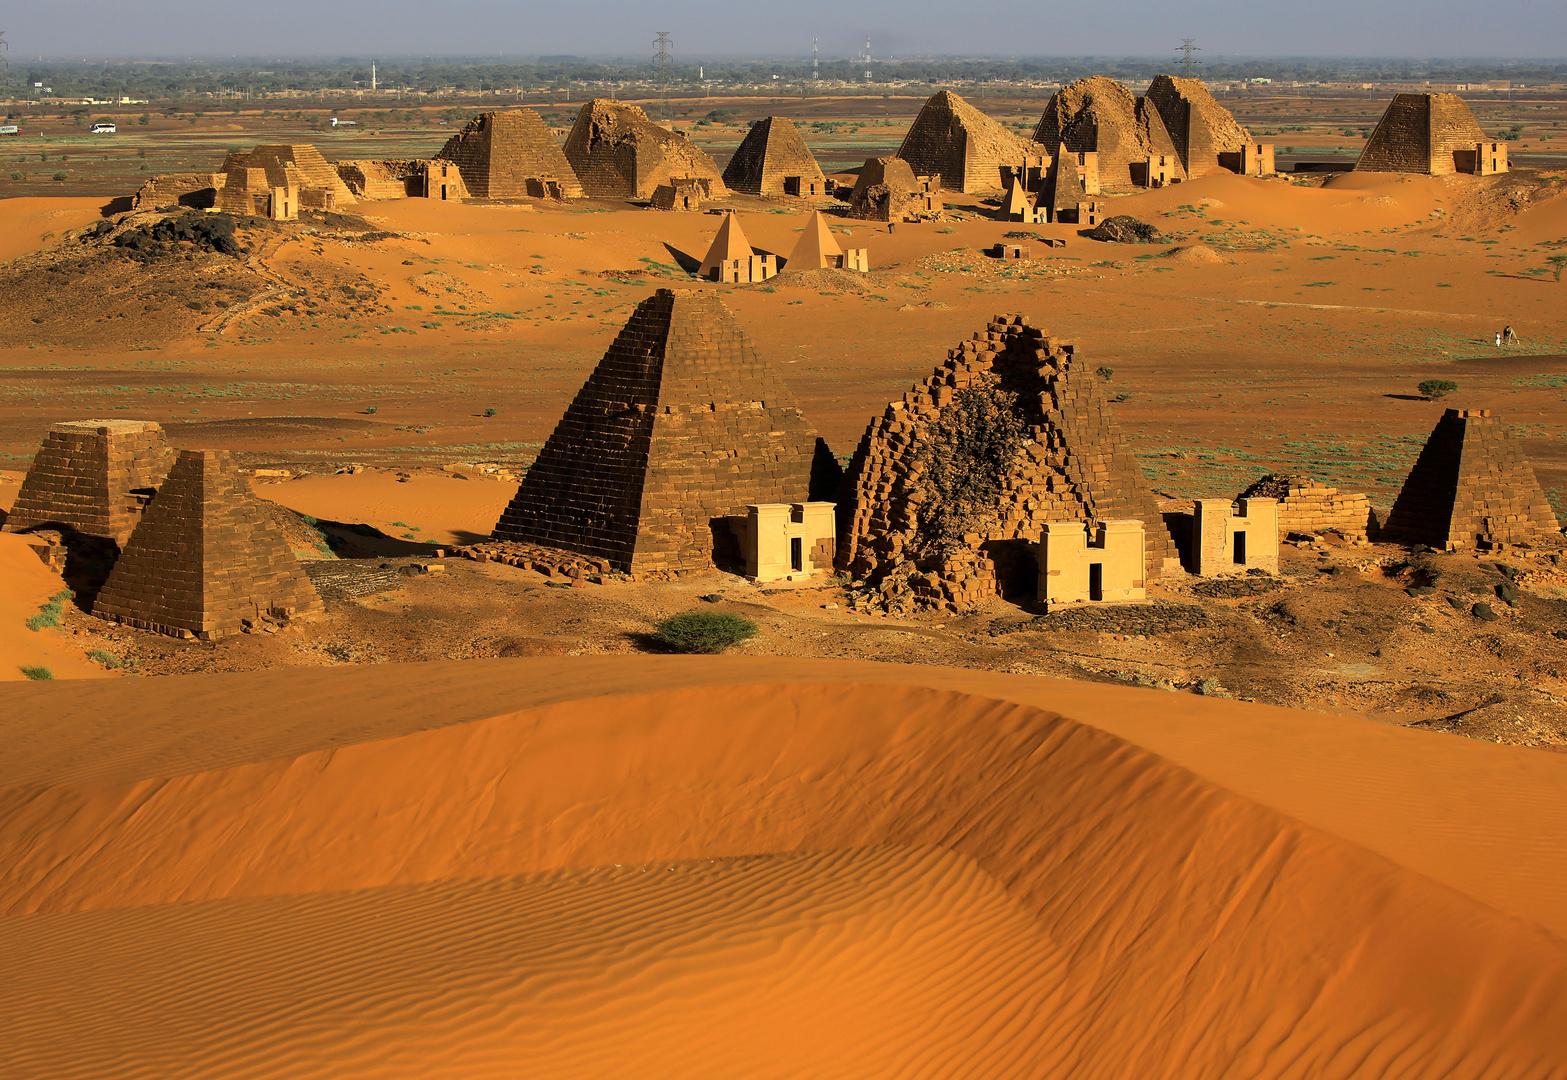 مواقع أثرية إفريقية هامة للغاية تواجه الانقراض وسط أزمة المناخ